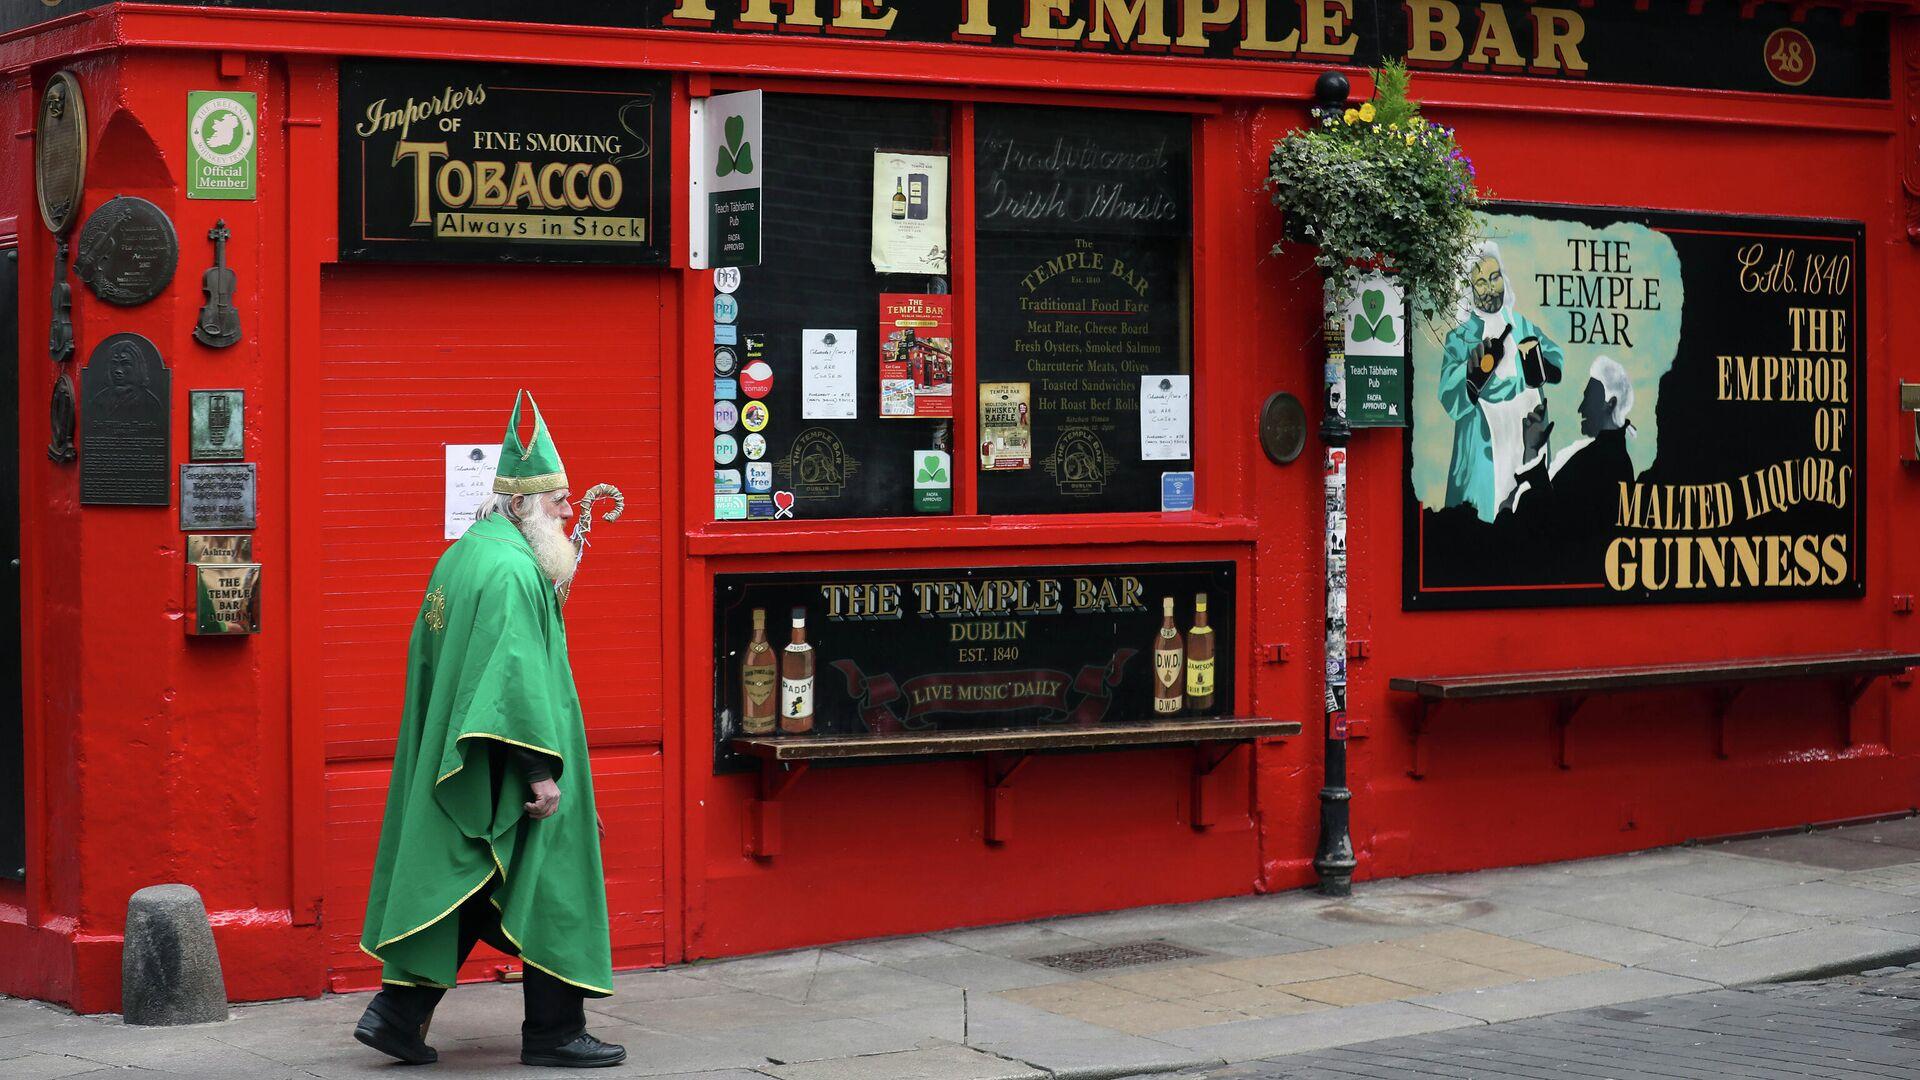 Мужчина в костюме Святого Патрика проходит мимо паба в Дублине  - РИА Новости, 1920, 16.09.2021